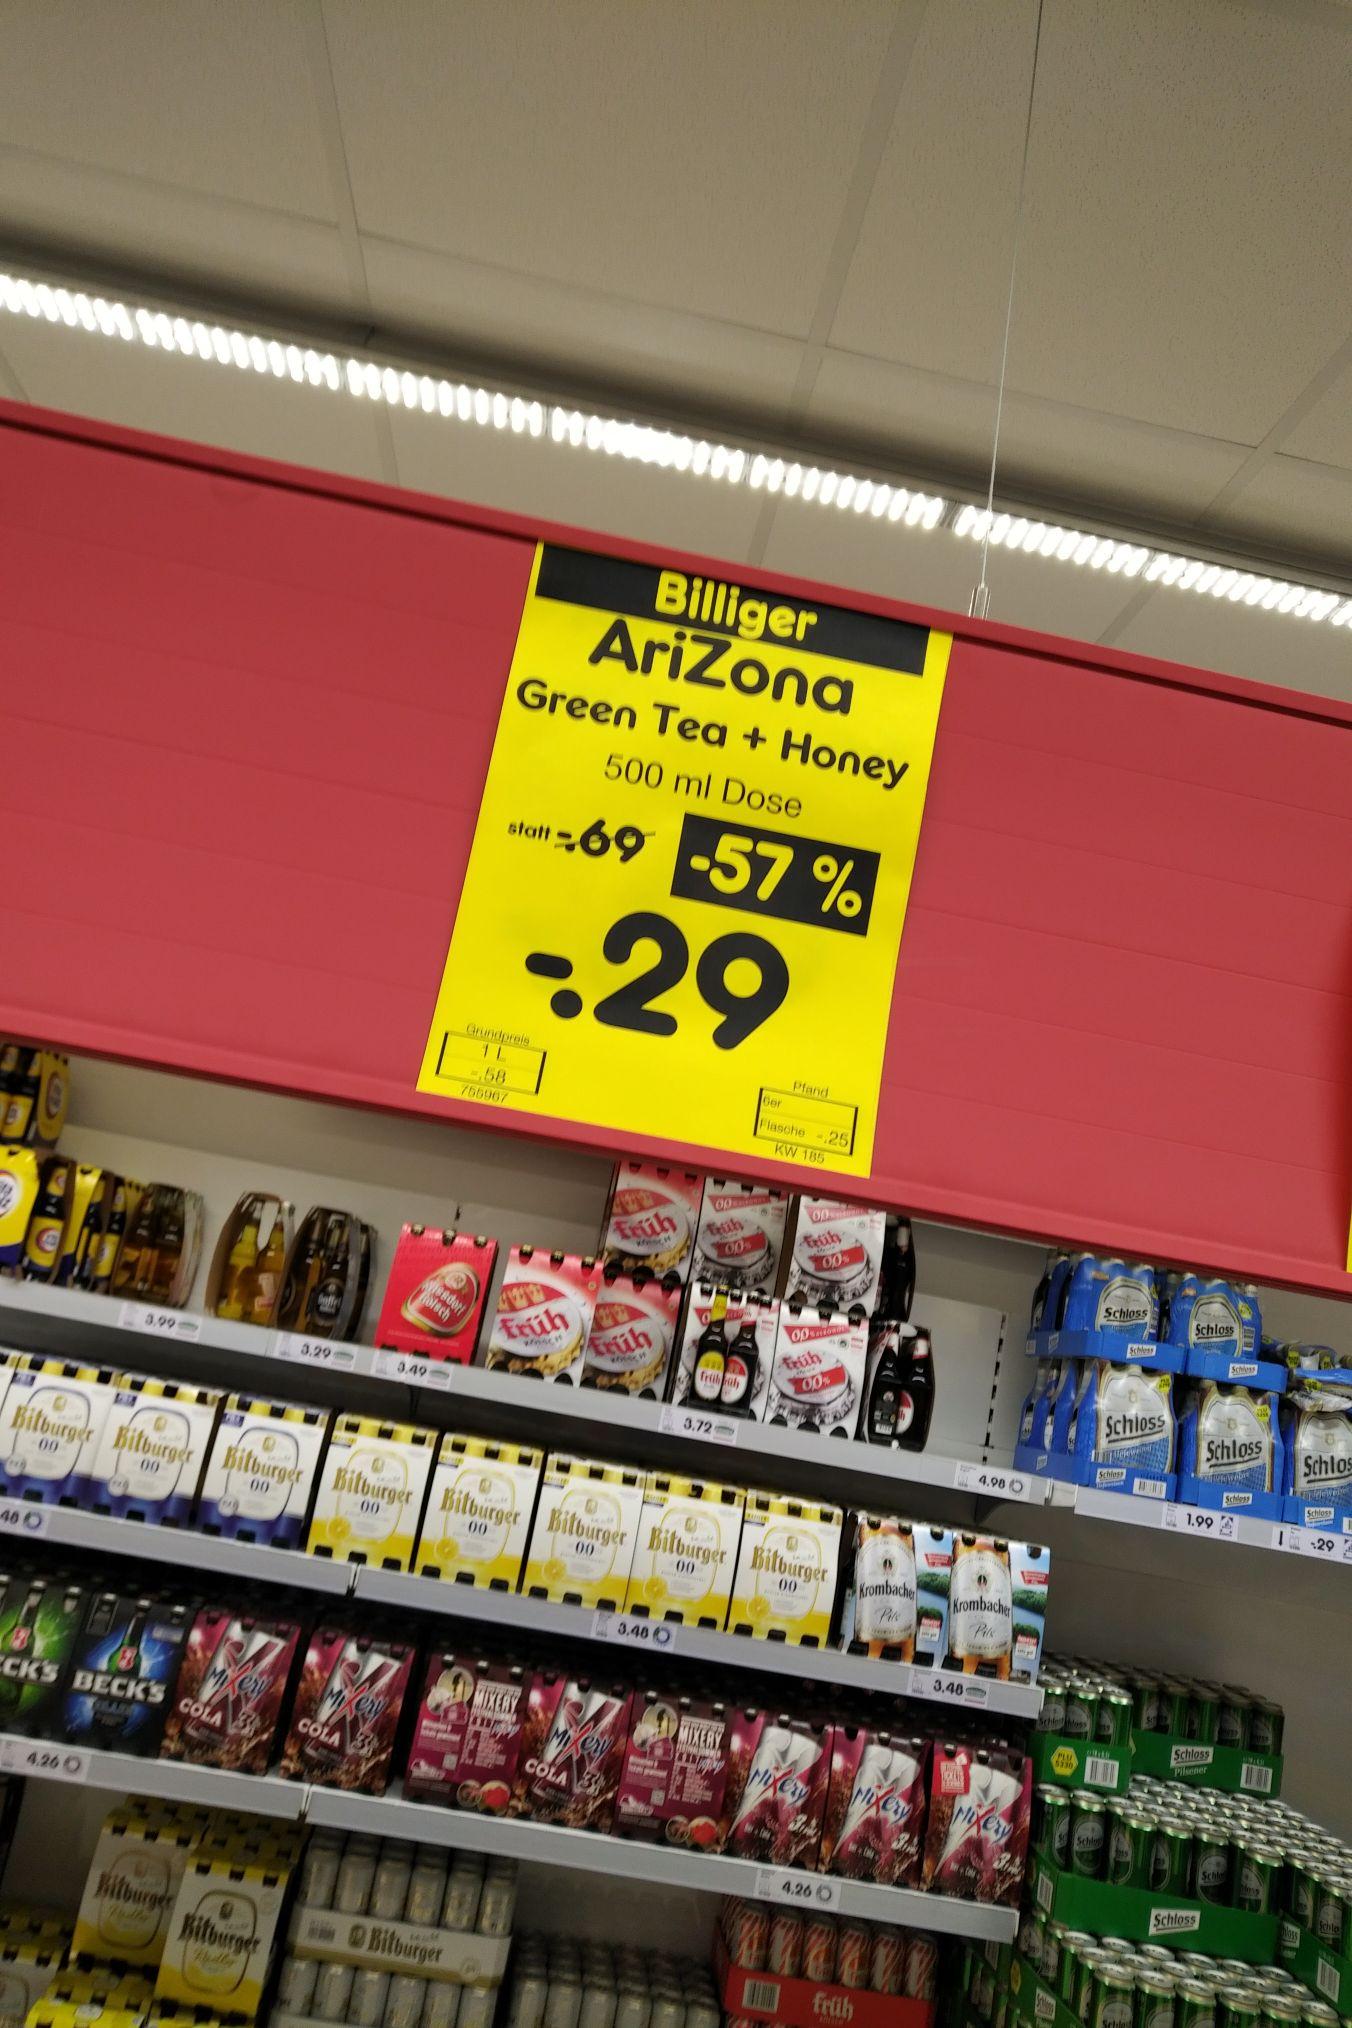 Netto Arizona Dosen Getränk auf 0,29€ reduziert